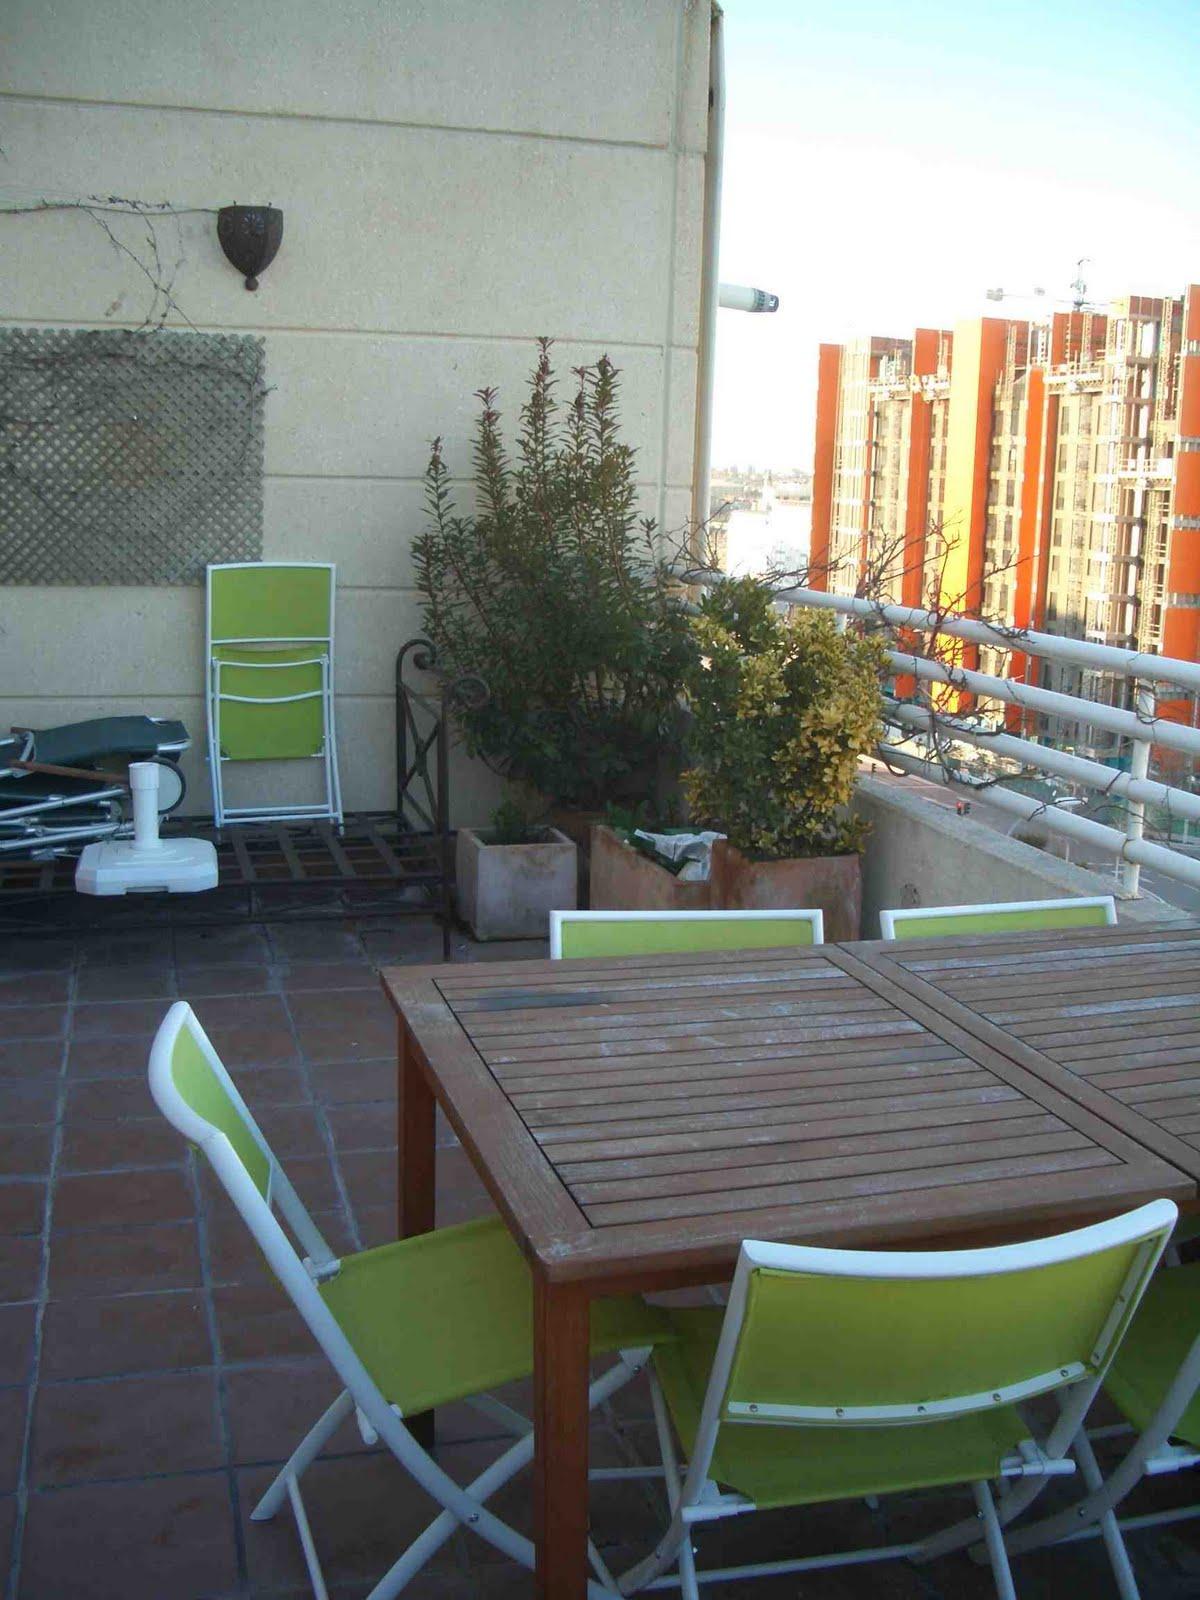 T preguntas ideas para cambiar el suelo de la terraza - Suelos de caucho para exteriores ...